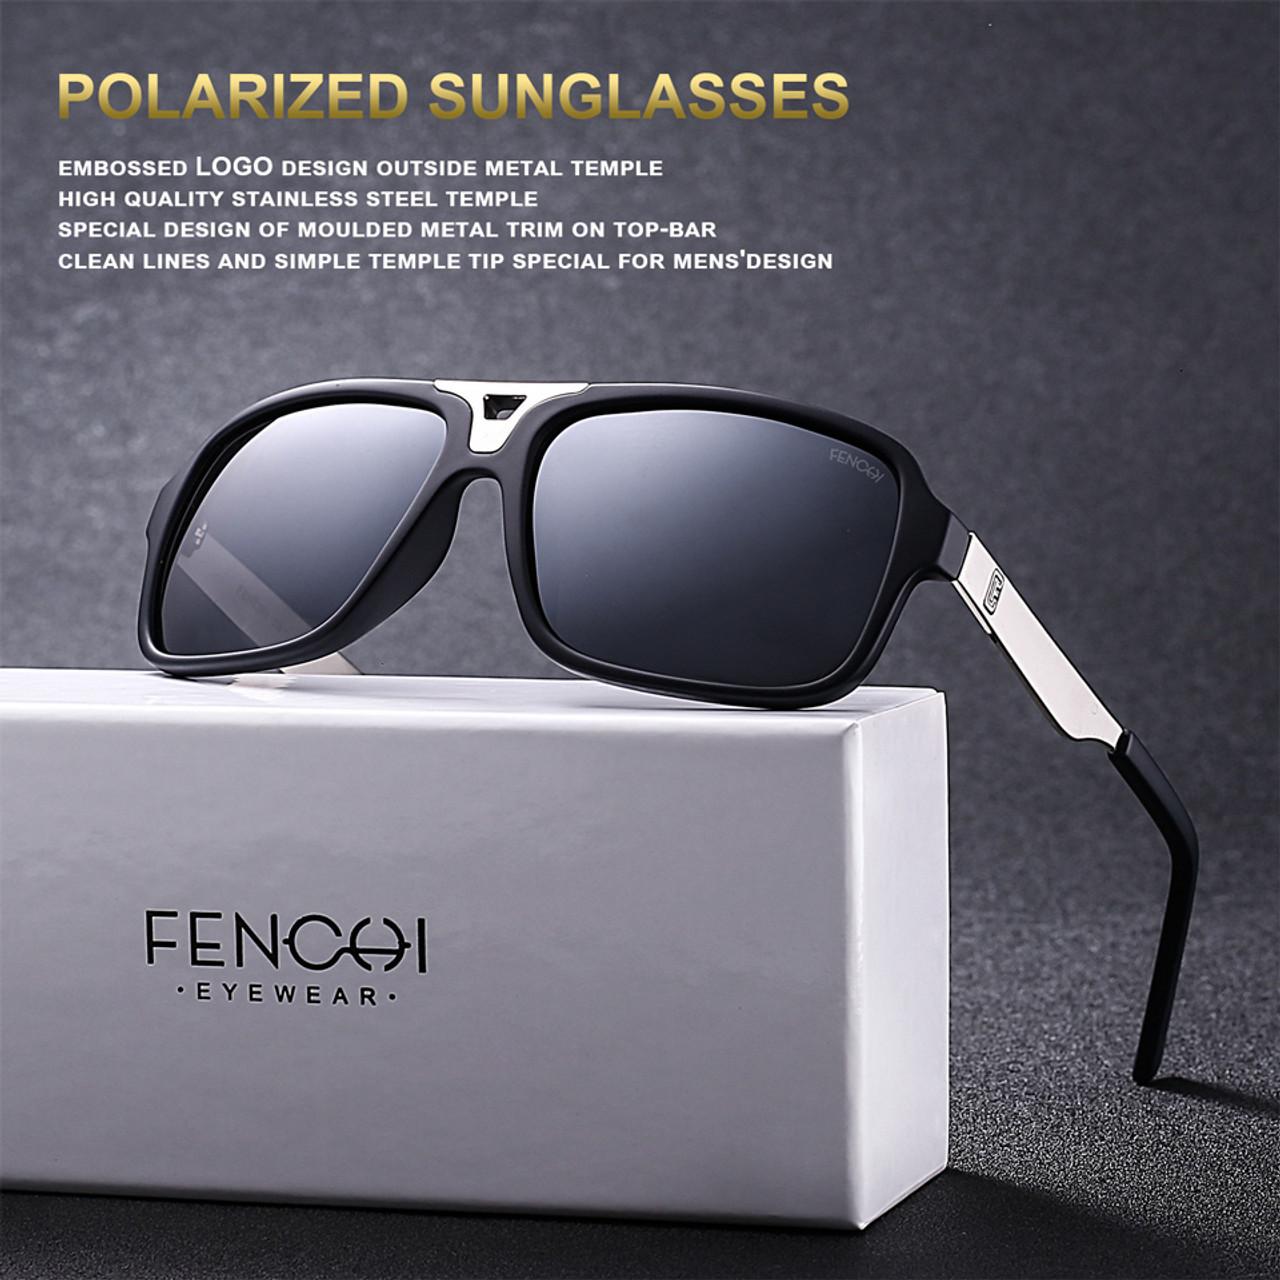 d20ddd6769e ... FENCHI Design Sunglasses Men Polarized Square Retro New Driving Vintage  Fashion Fishing Oculos De Sol Sun ...